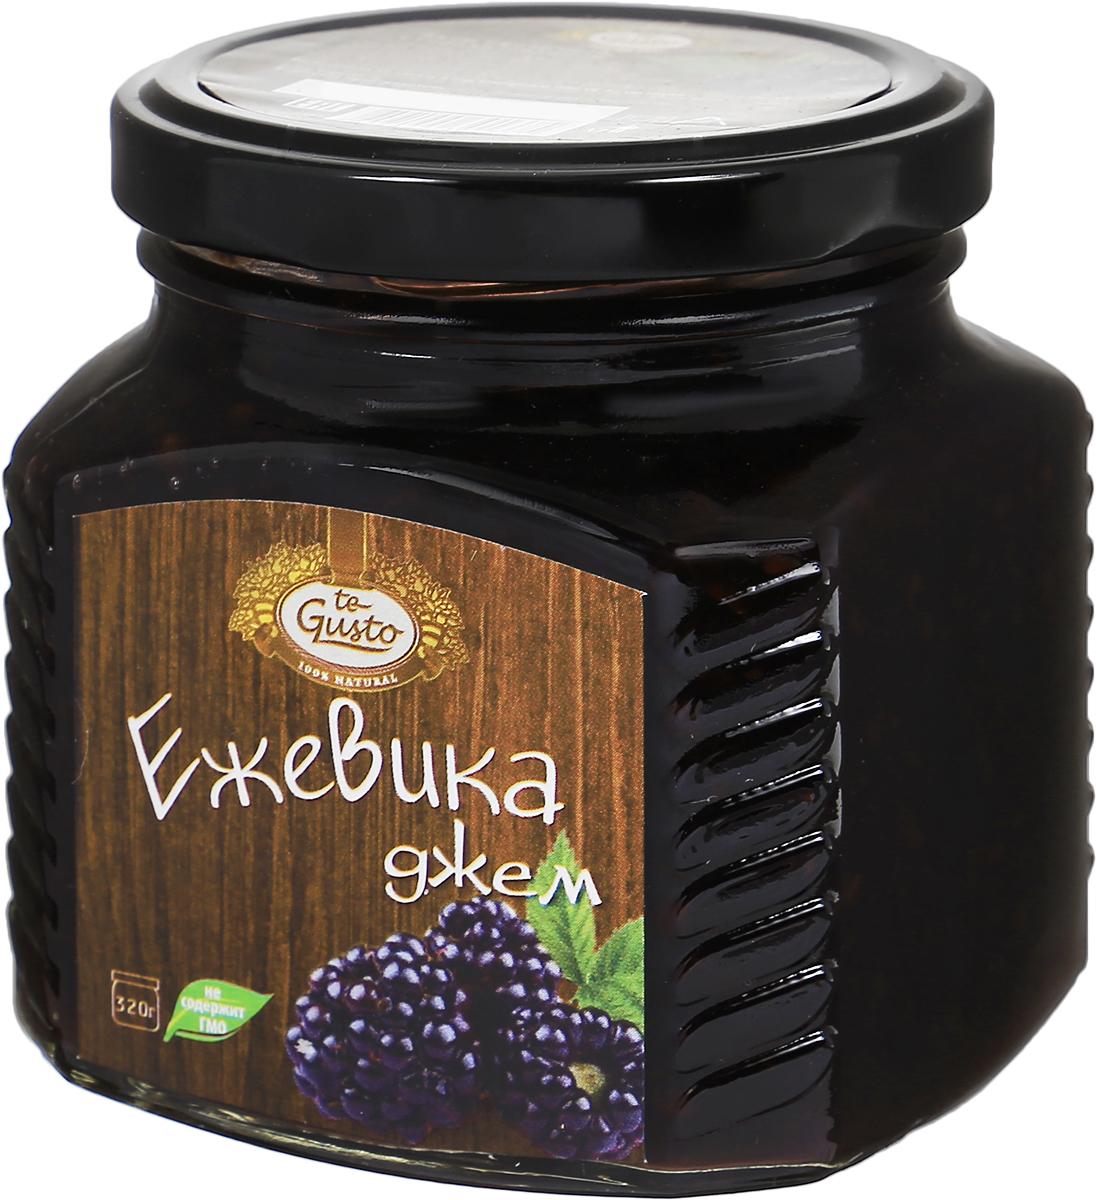 te Gusto Джем из ежевики, 320 г4657155301375Ароматный джем te Gusto изготовлен из ежевики, имеет желеобразную консистенцию с крупными кусочками ягод.Для приготовления джема используются только свежие, тщательно отобранные плоды, созревшие в экологически чистых местах. Продукт не содержит ГМО.Открыв ежевичное сокровище, вы получите не только вкусный натуральный десерт, но и эффективное лекарство от простуды. В соке ягоды масса биофлавонидов, которые способствуют снижению жара, нормализации температуры. Это лучше, чем все фармацевтические инновации.Уважаемые клиенты! Обращаем ваше внимание, что полный перечень состава продукта представлен на дополнительном изображении.